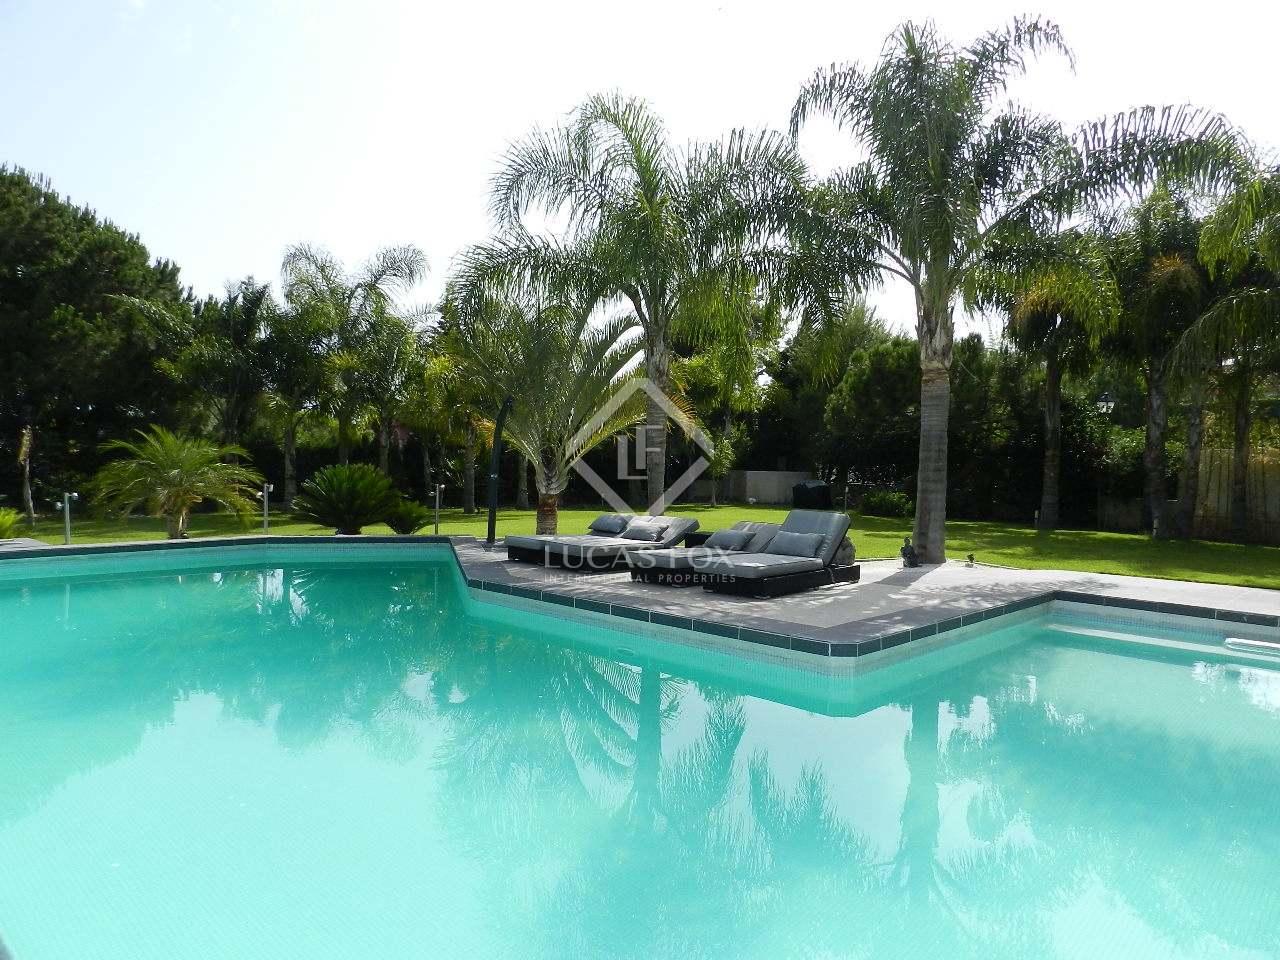 Swimming Pool - 5 bed luxury villa Hacienda las Chapas, Marbella